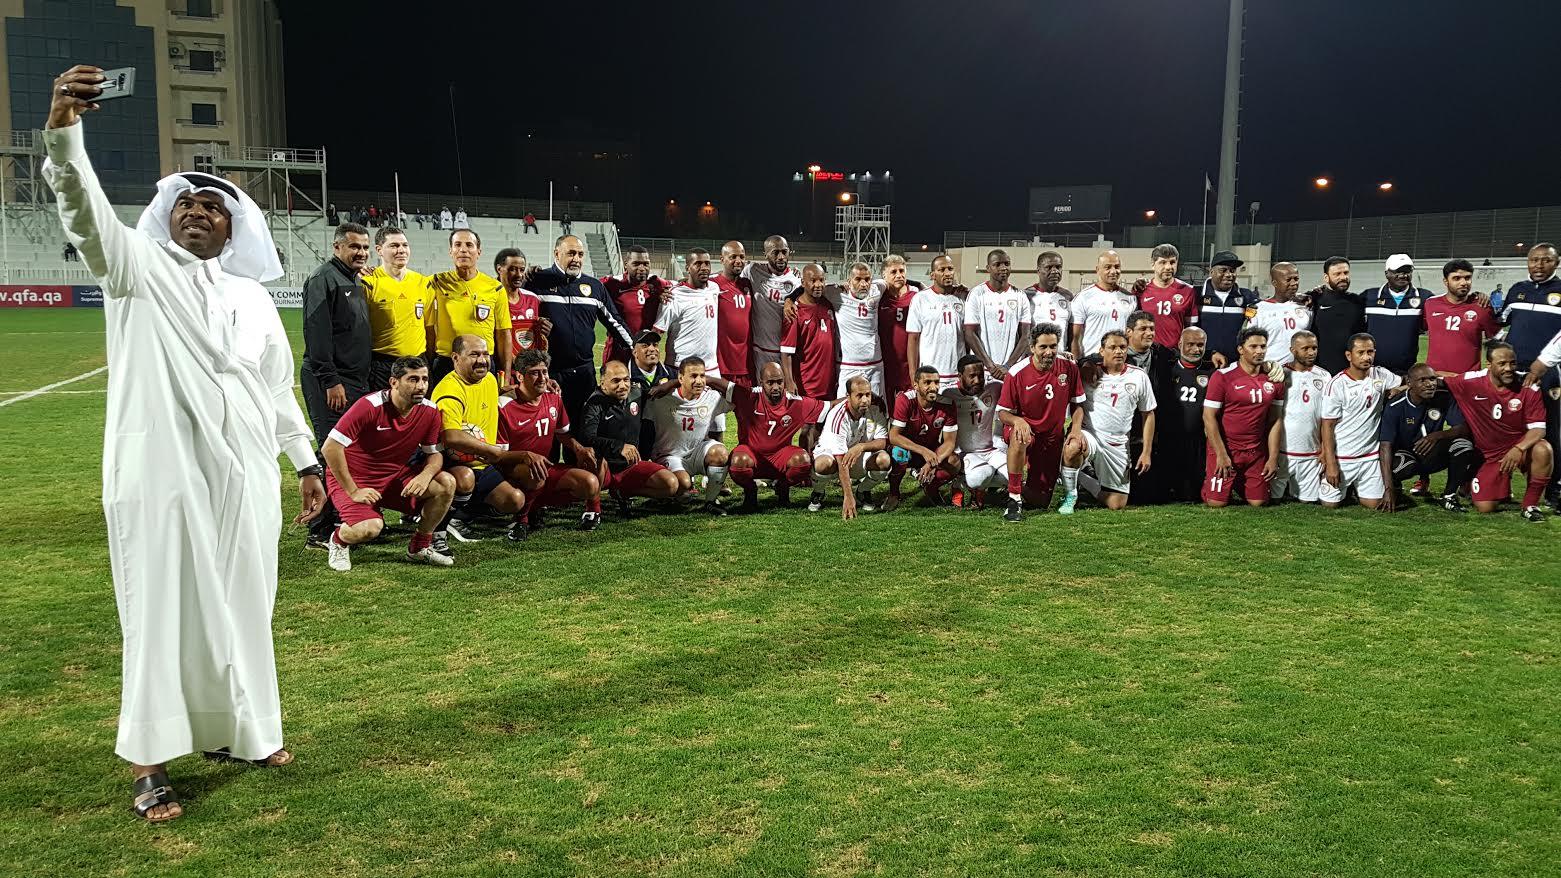 بالفيديو والصور.. من مباراة منتخبنا الوطني وقطر في خليجية قدامى اللاعبين